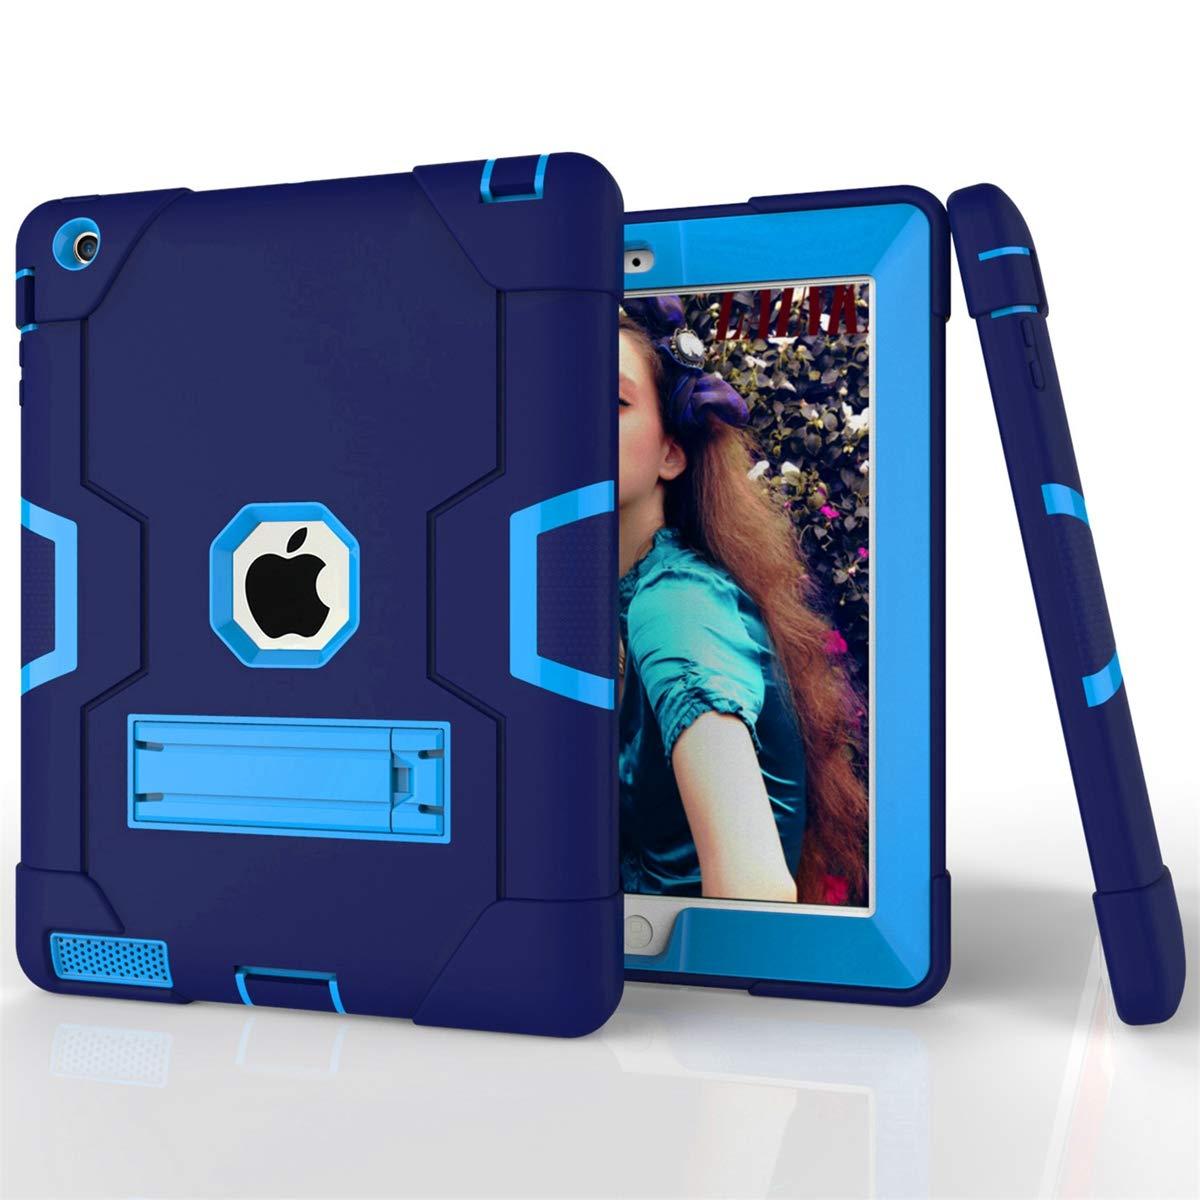 正規品販売! Happon Happon iPad 2 3 4ケース Navy スリム落下保護カバー 優れた背面 アクア +, Blue 19R1-WI-416 Navy Blue + Blue B07L4G71QM, ヒラドシ:2e7fb6c5 --- a0267596.xsph.ru